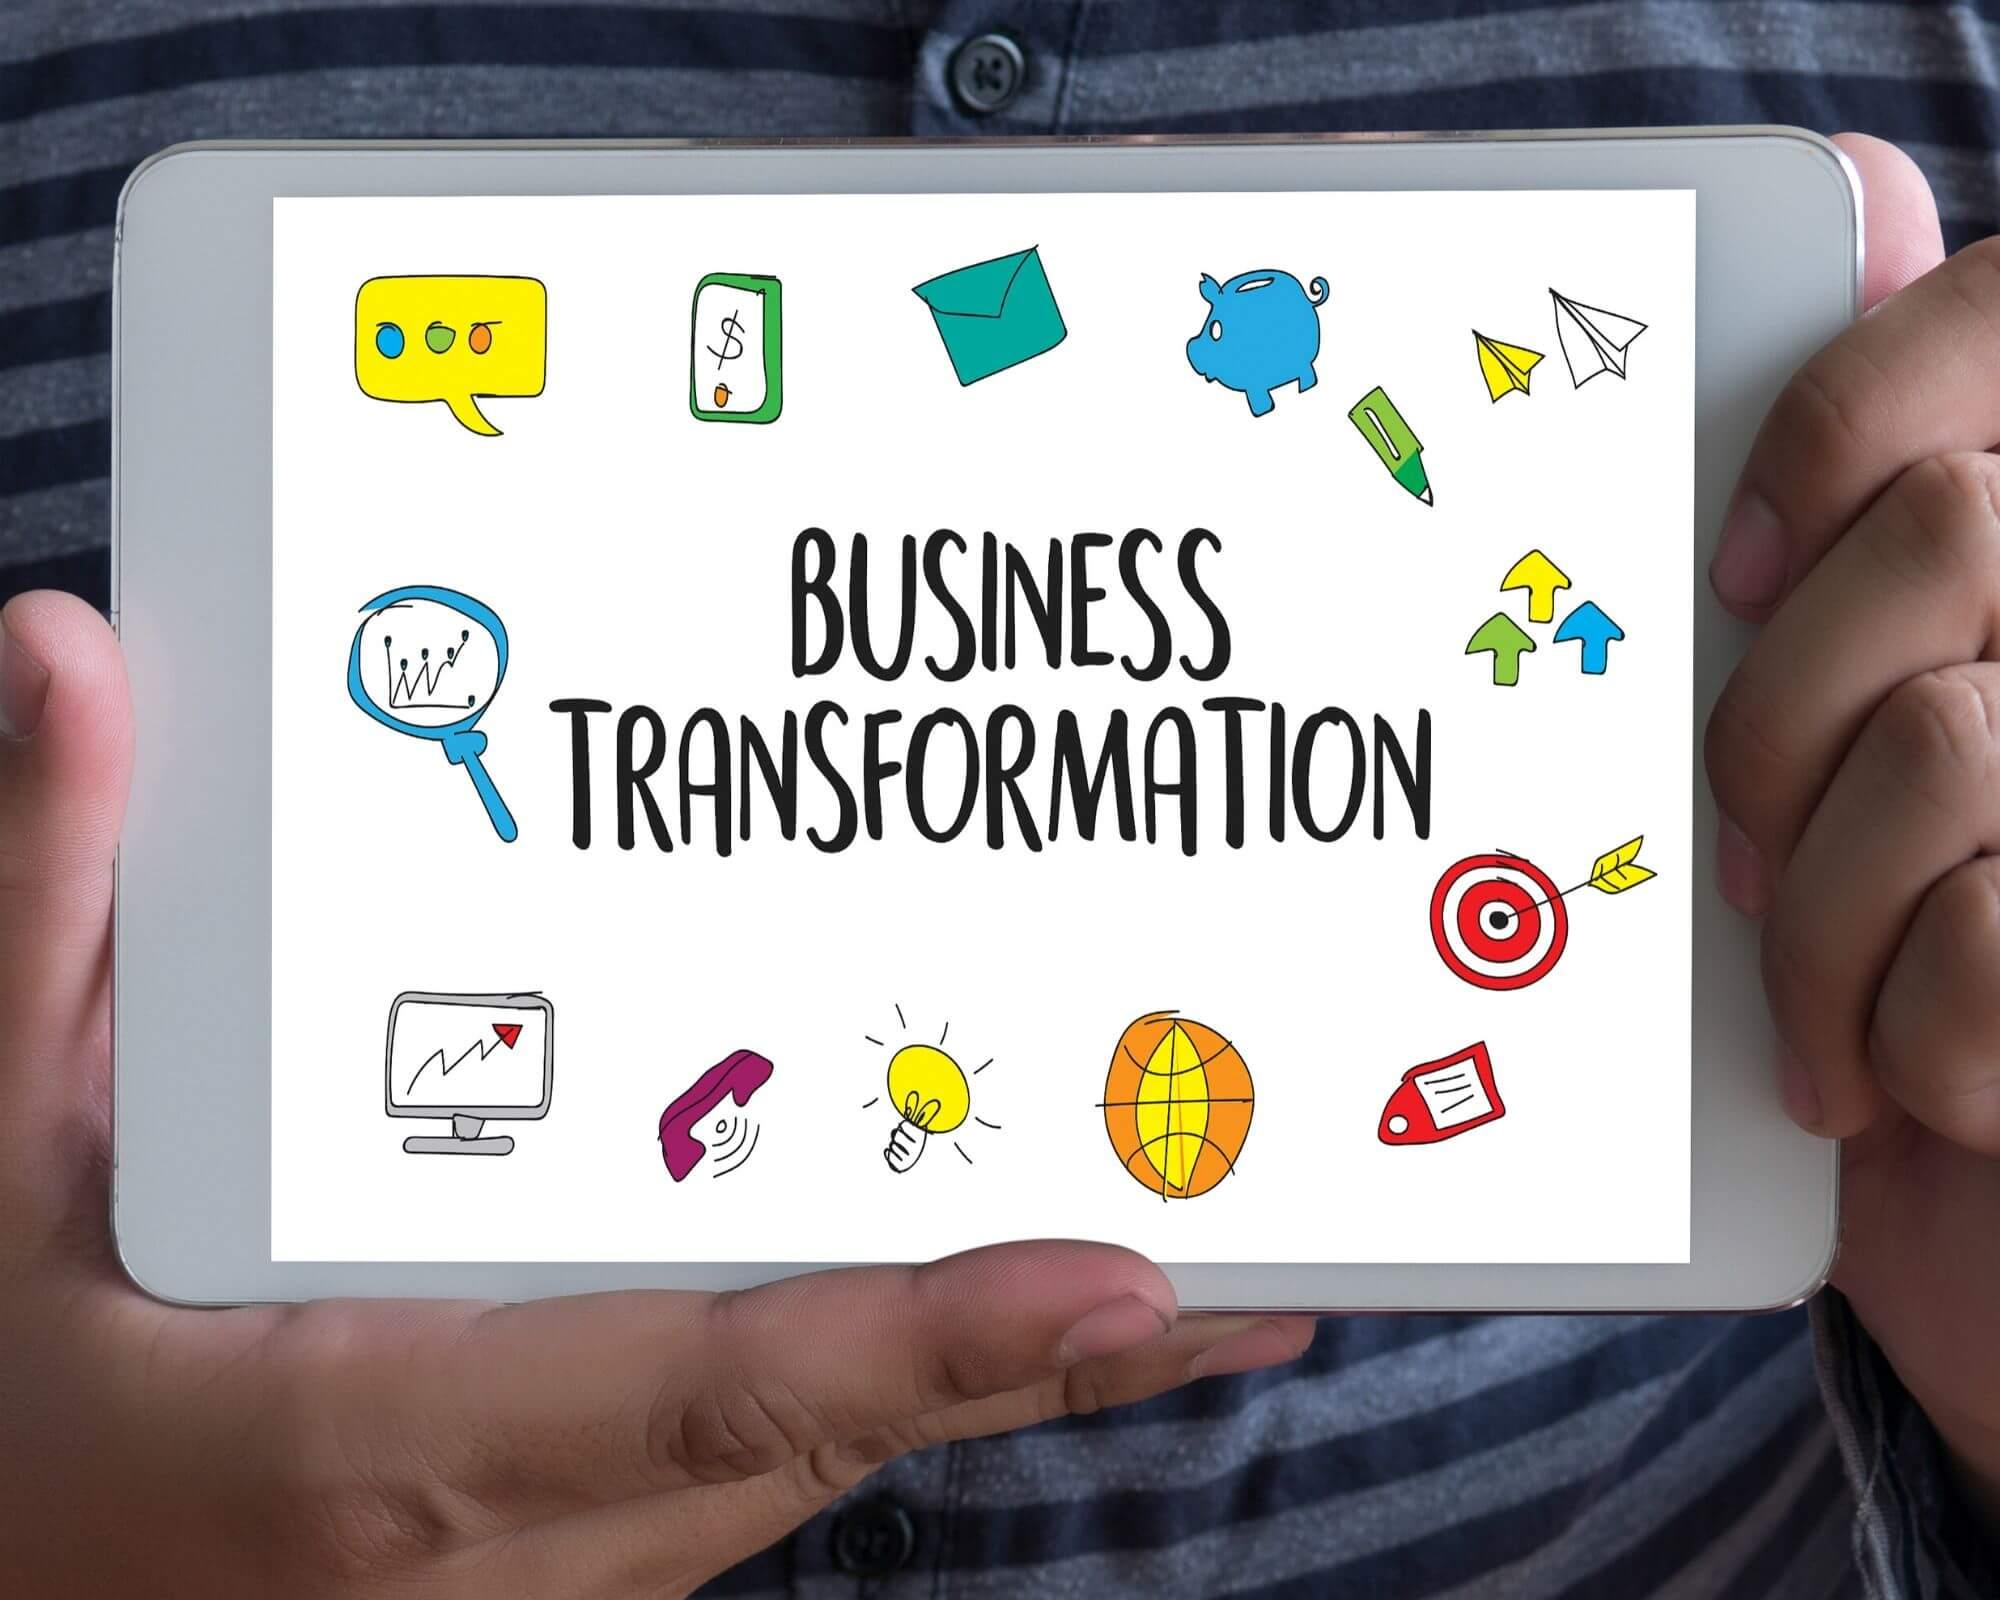 la transformación digital implica una reinvención de tu negocio